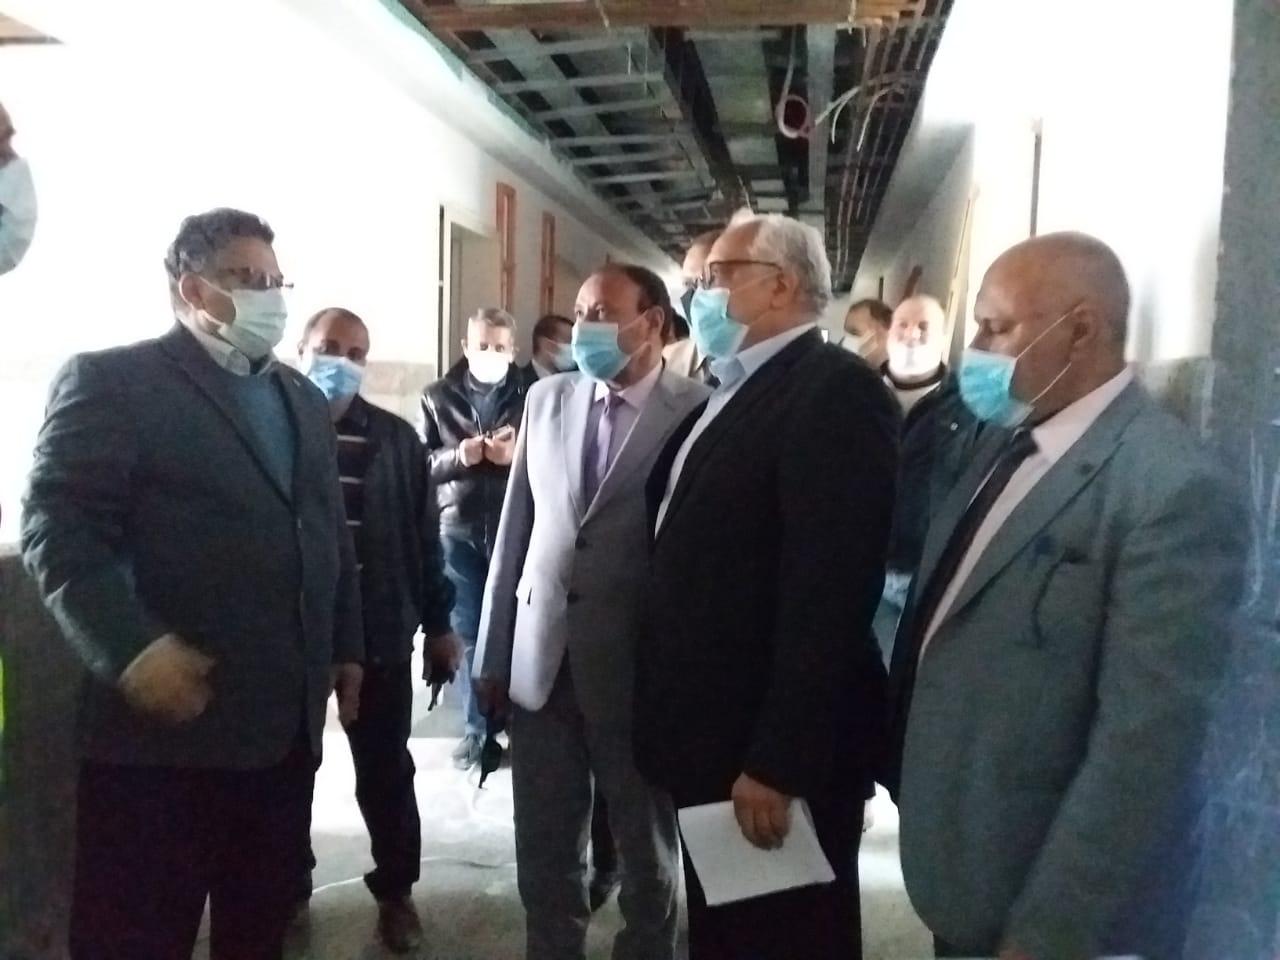 نائب رئيس جامعة الأزهر يتفقد أعمال الإنشاءات بمبنيي ٥ و٦ بالمستشفى الجامعي بأسيوط